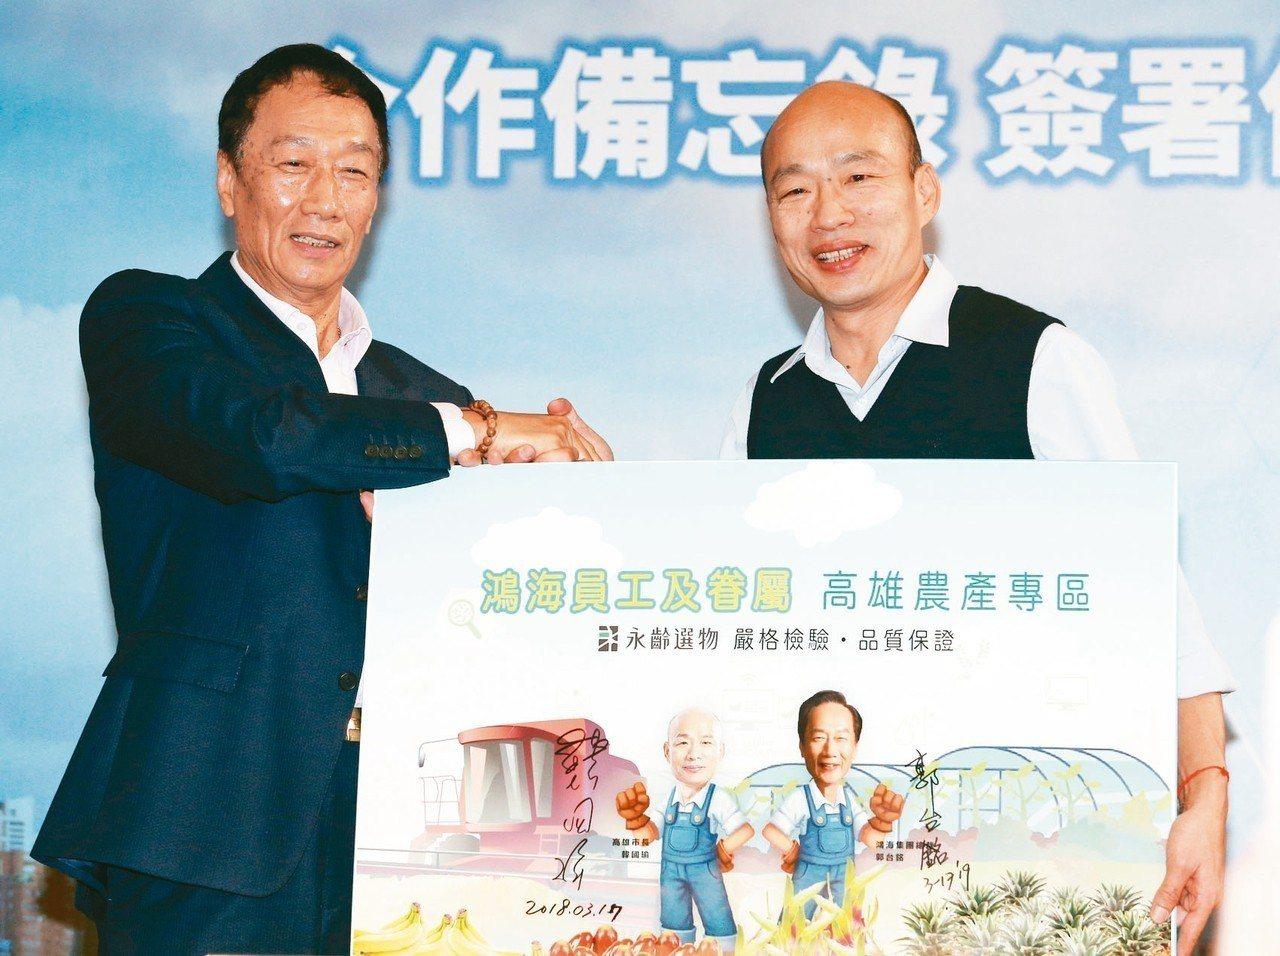 鴻海集團總裁郭台銘(左)昨天南下跟高雄市長韓國瑜(右)見面,郭台銘強調未來會大力...